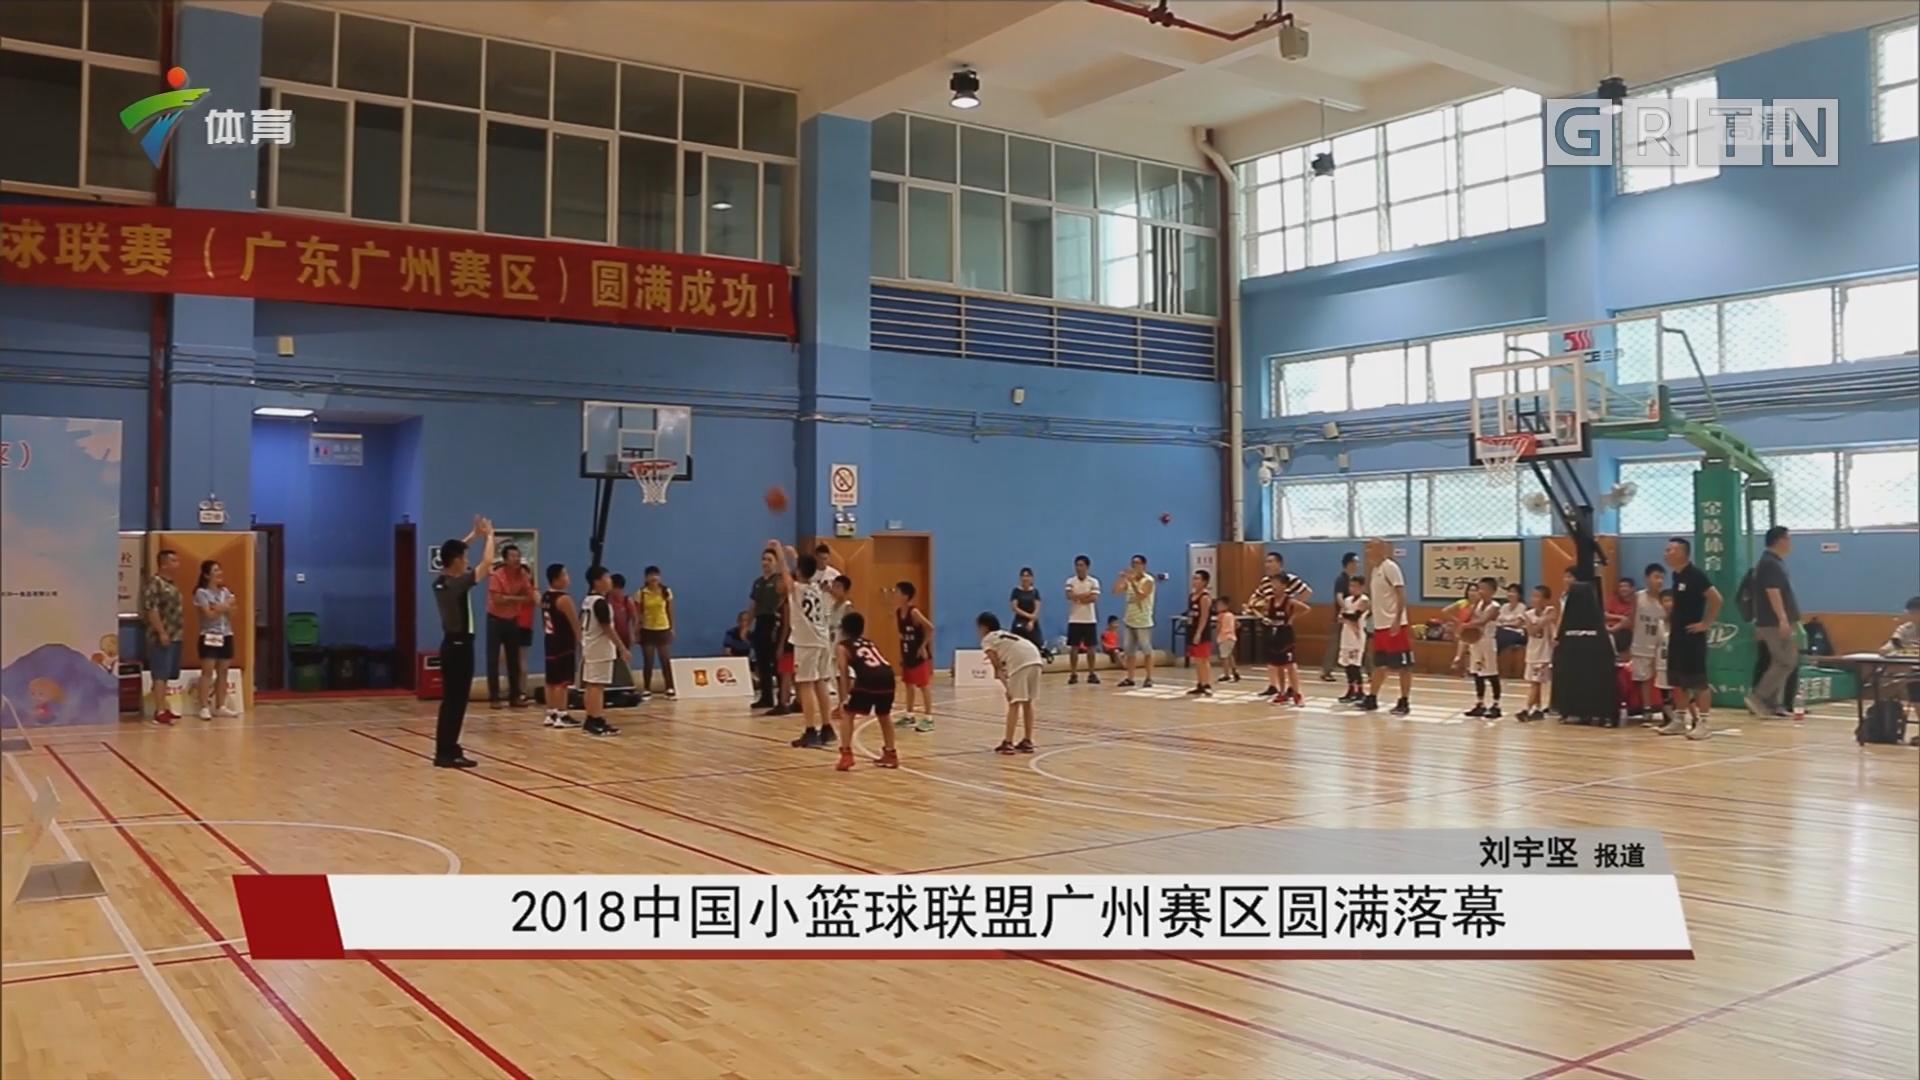 2018中国小篮球联盟广州赛区圆满落幕